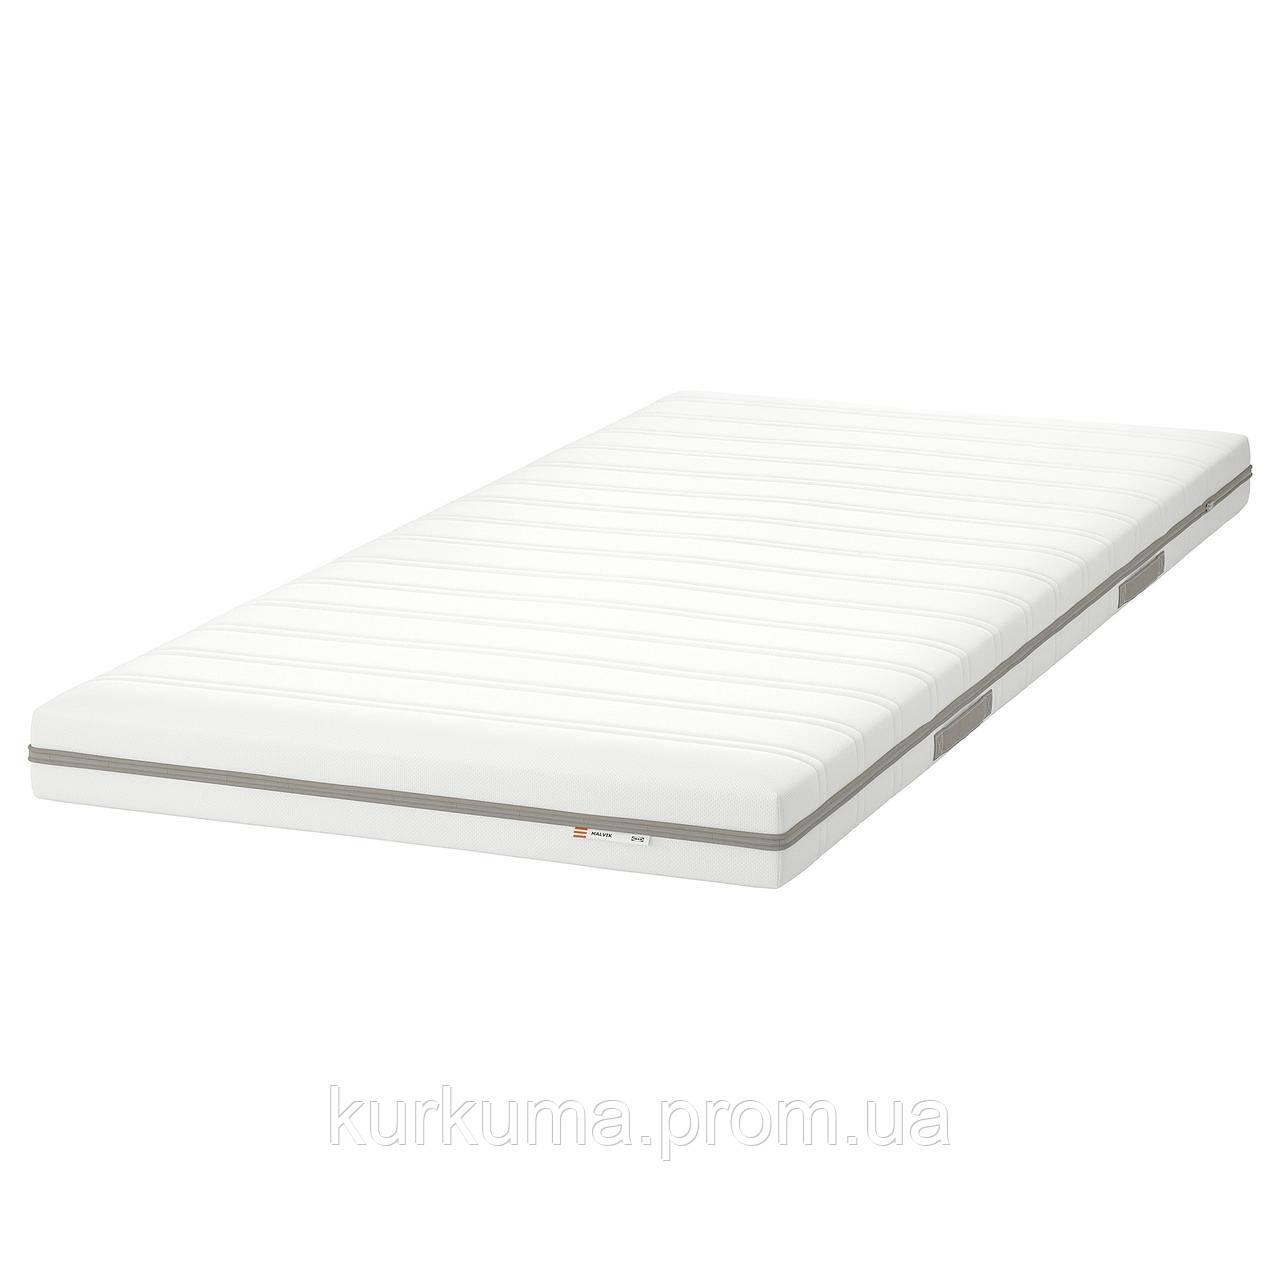 IKEA MALVIK Пенополиуретановый матрас, твердый/белый, 90x200 см (502.722.63)